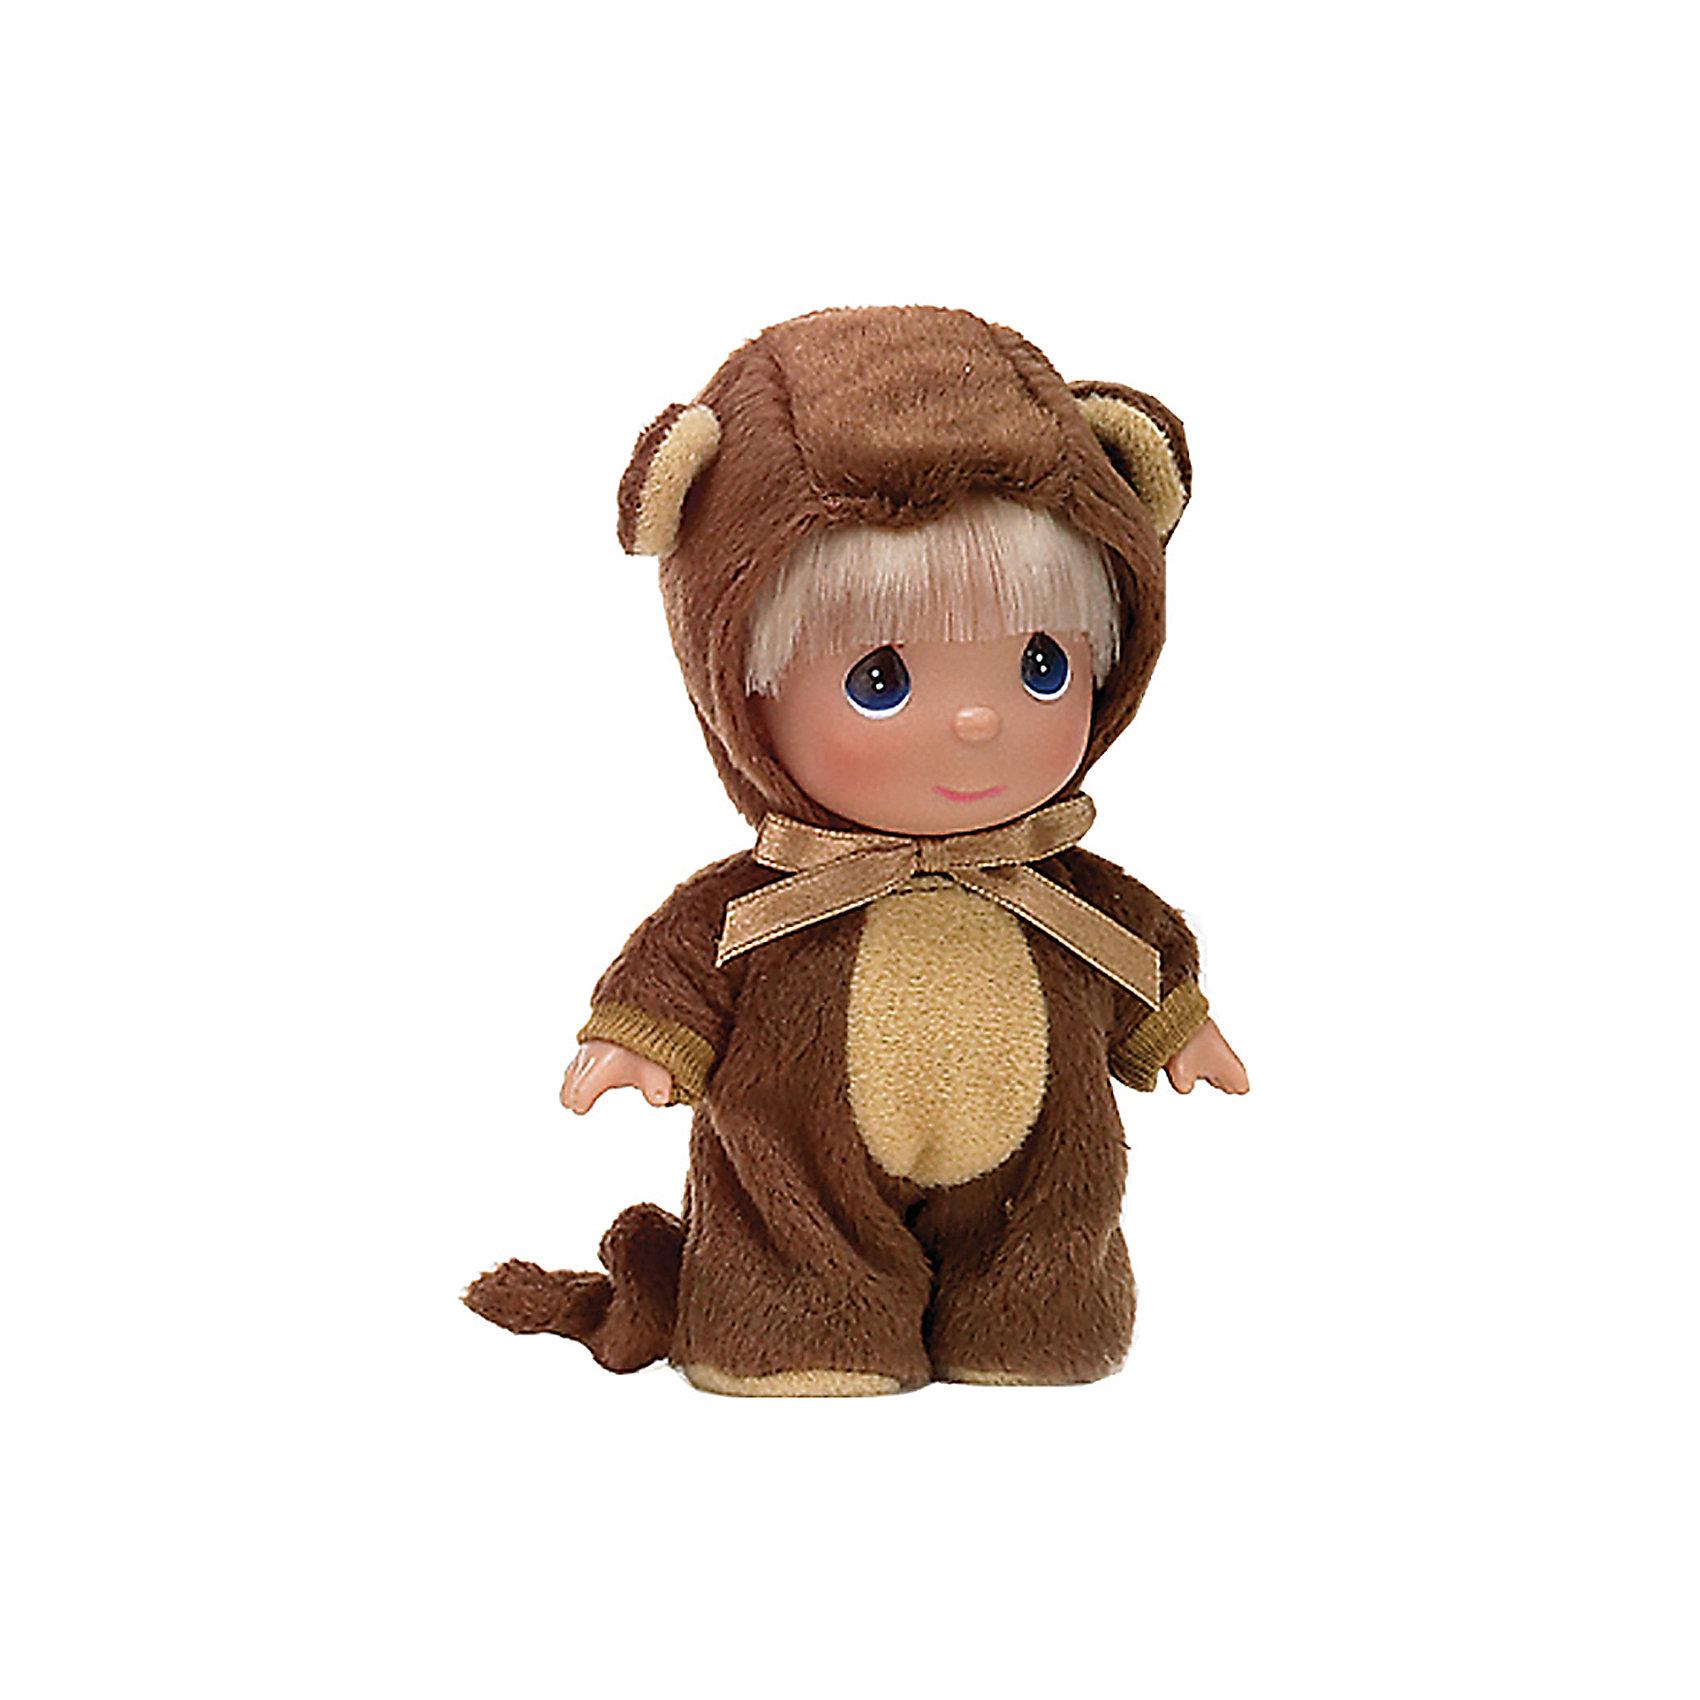 Кукла Обезьянка, 14 см, Precious MomentsМини-куклы<br>Характеристики товара:<br><br>• возраст: от 5 лет;<br>• материал: винил, текстиль;<br>• высота куклы: 14 см;<br>• размер упаковки: 16х10х5 см;<br>• вес упаковки: 70 гр.;<br>• страна производитель: Филиппины.<br><br>Кукла «Обезьянка» 14 см Precious Moments — коллекционная кукла с выразительными голубыми глазками и светлыми волосами. Она одета в пушистый костюм обезьянки с ушами. У куклы имеются подвижные детали. Она выполнена из качественного безопасного материала.<br><br>Куклу «Обезьянка» 14 см Precious Moments можно приобрести в нашем интернет-магазине.<br><br>Ширина мм: 60<br>Глубина мм: 140<br>Высота мм: 40<br>Вес г: 80<br>Возраст от месяцев: 36<br>Возраст до месяцев: 2147483647<br>Пол: Женский<br>Возраст: Детский<br>SKU: 5482519